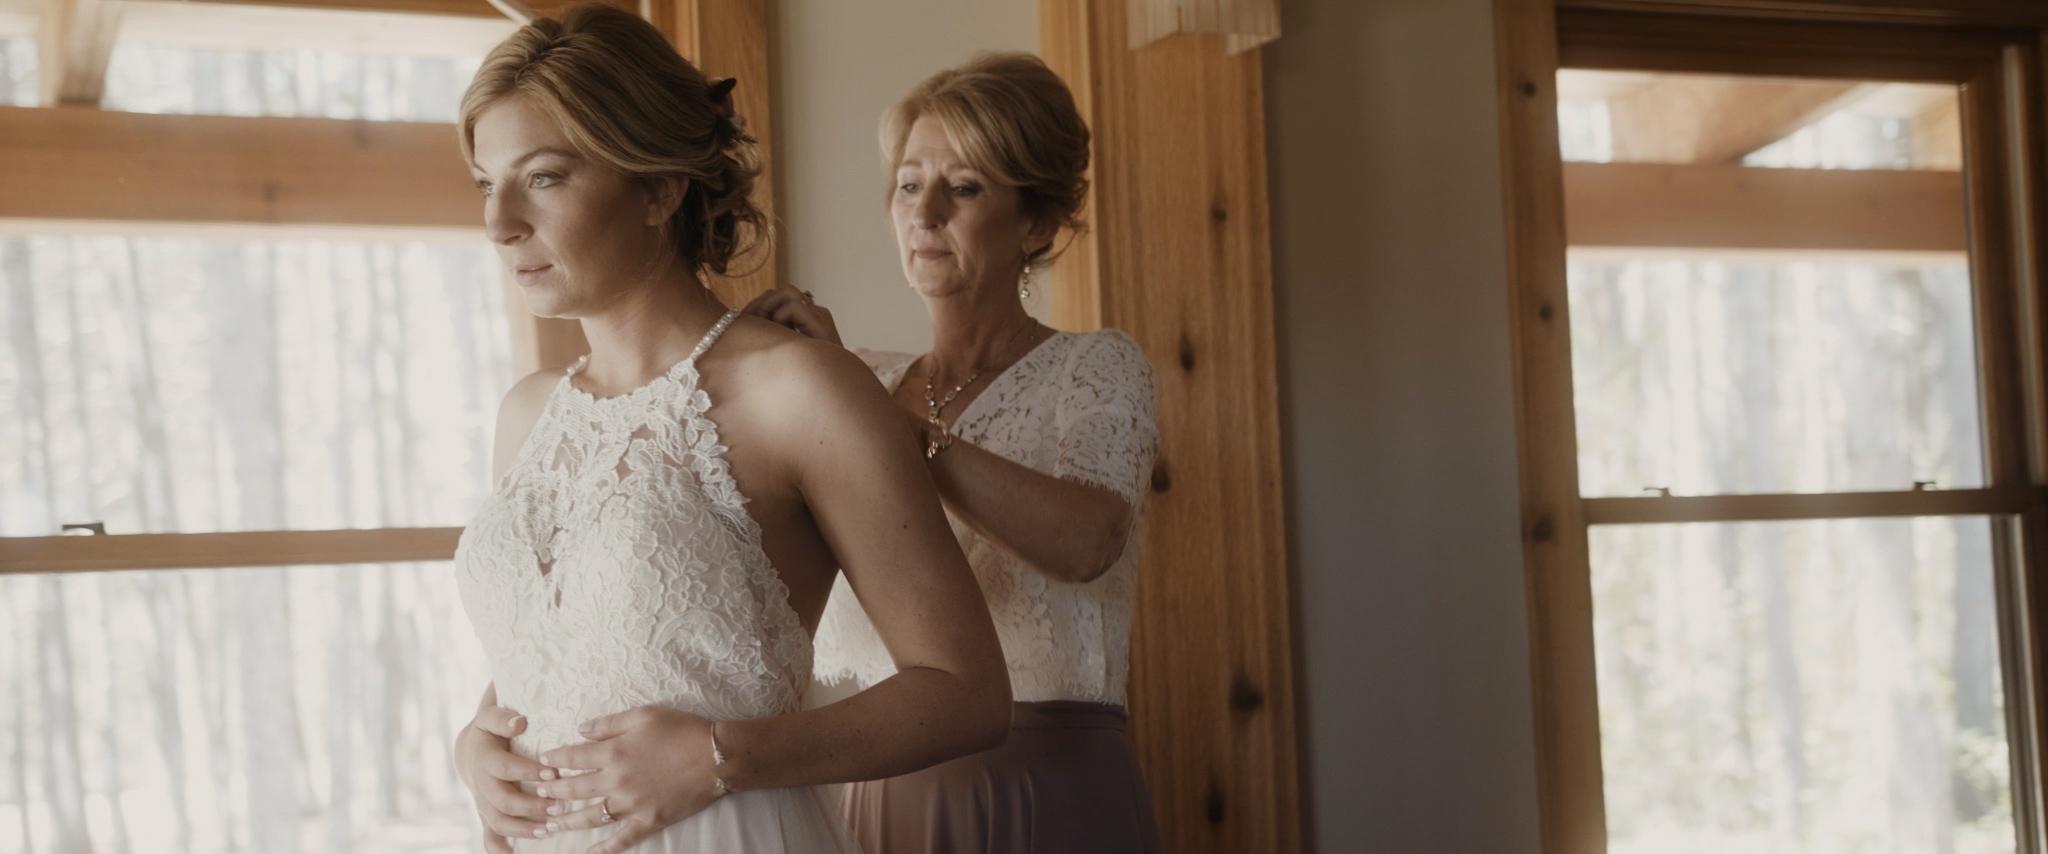 HAVENS_Wedding_Film.00_01_18_23.Still012.jpg